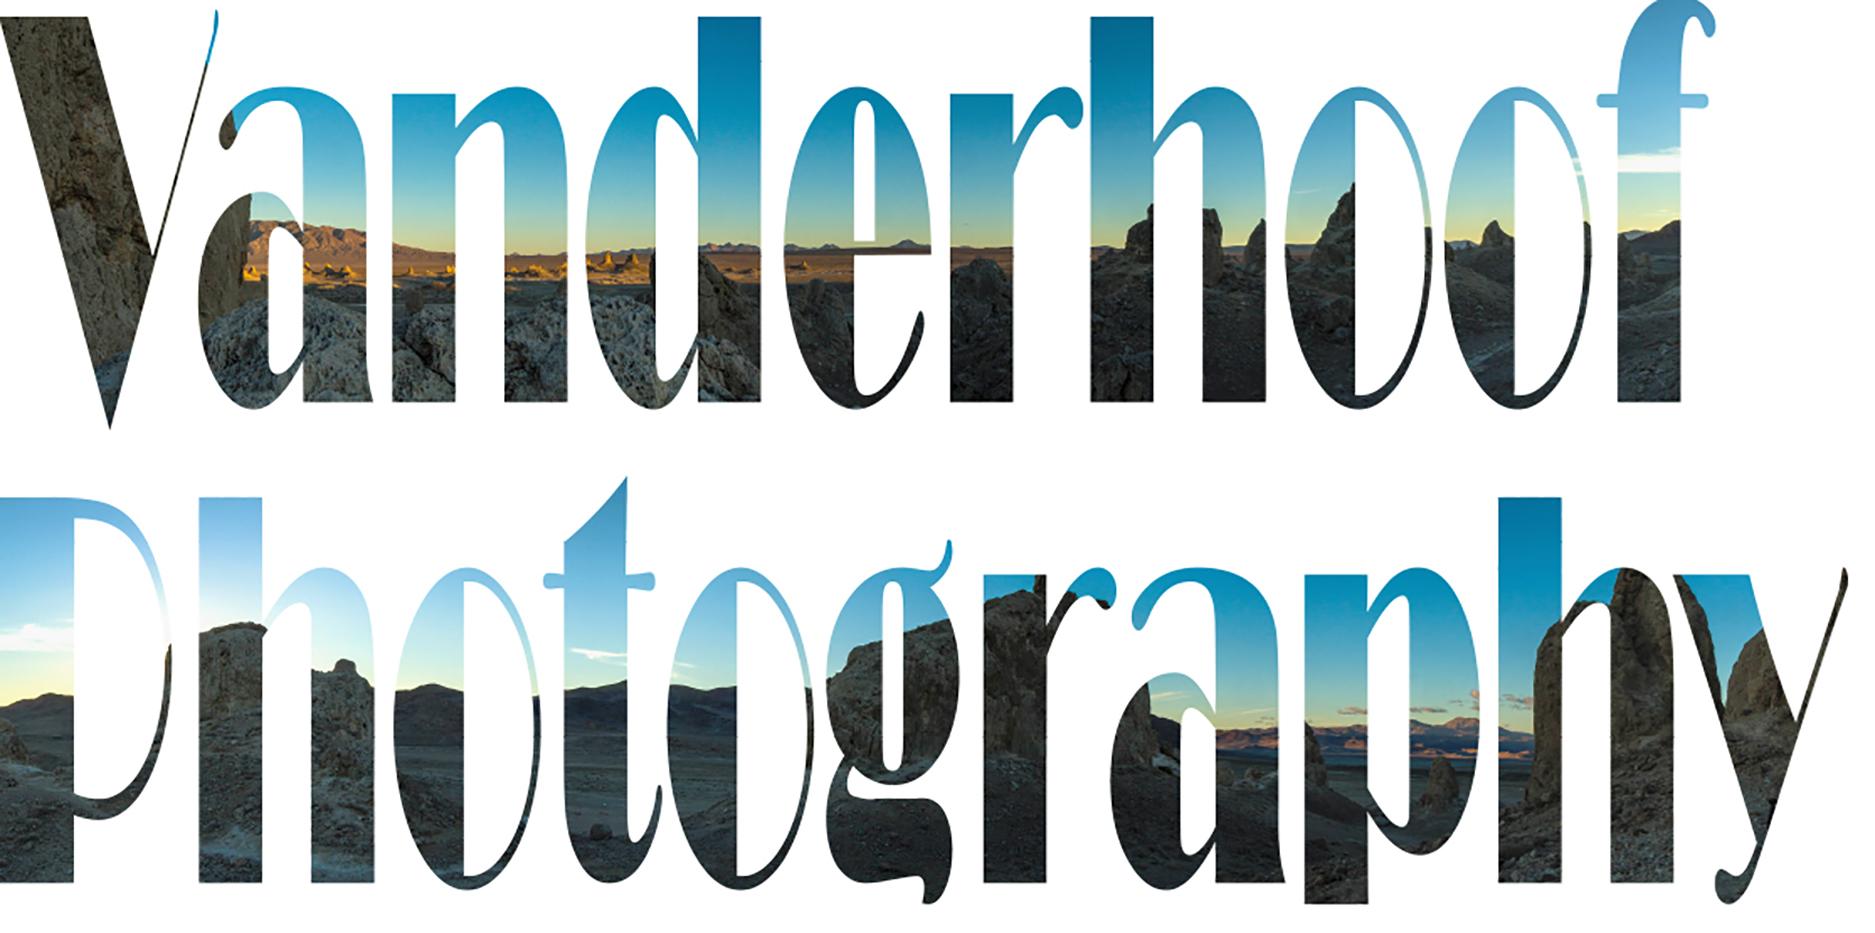 Peter Vanderhoof Signature